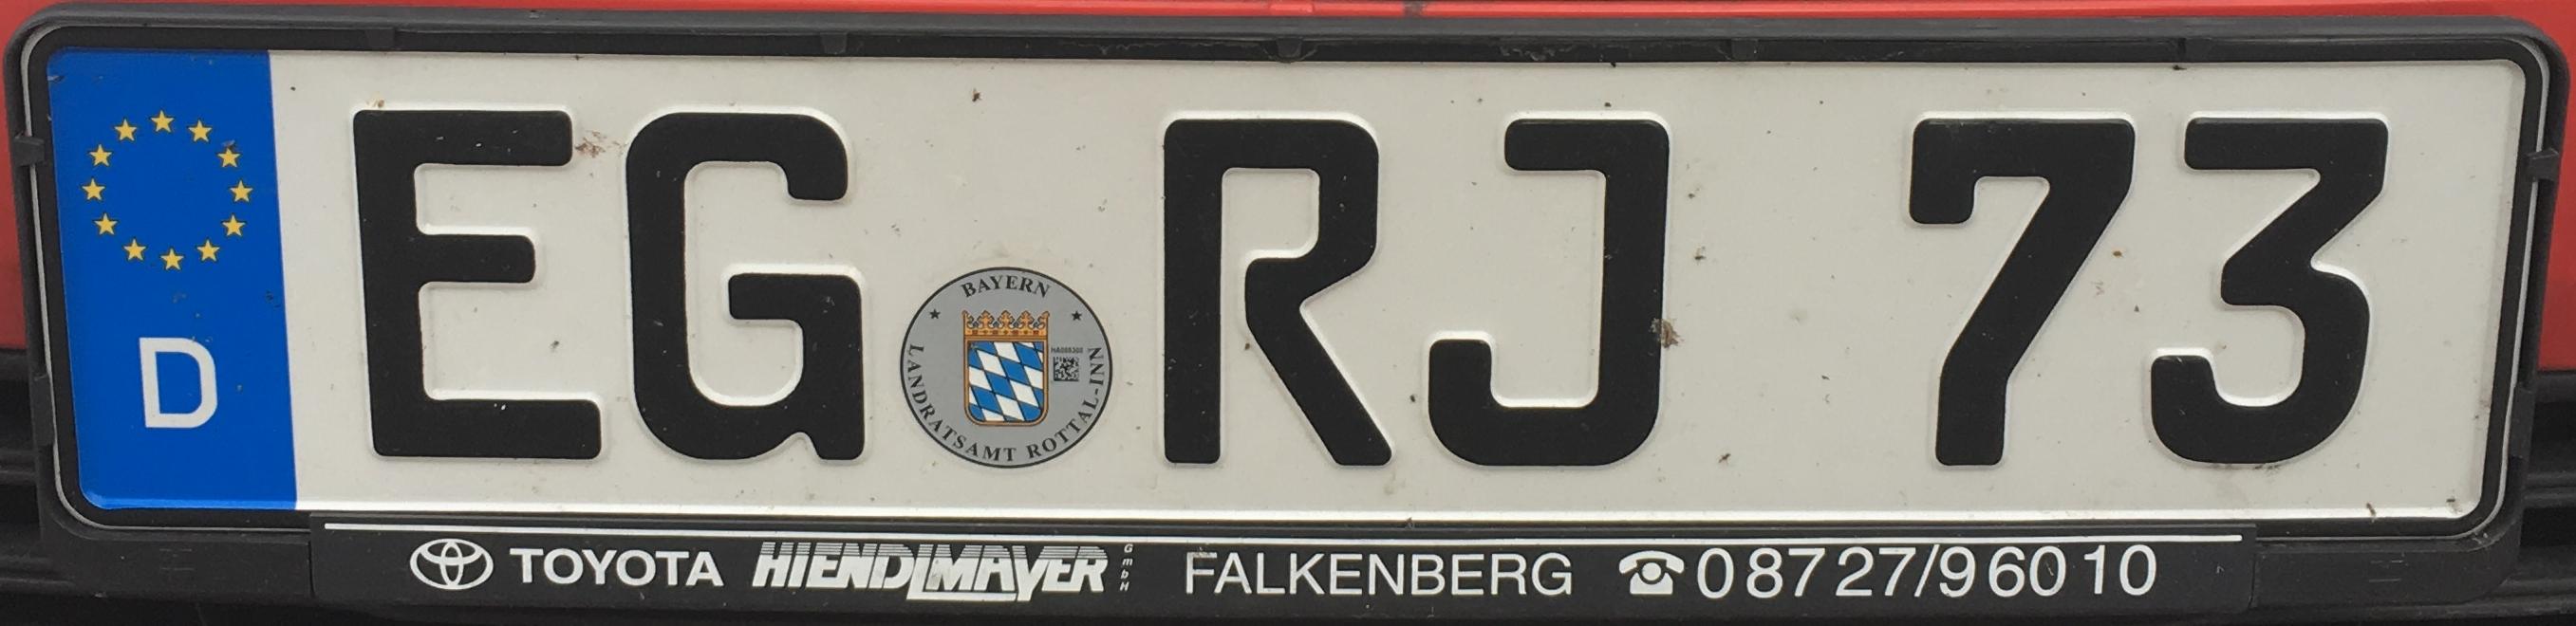 Registrační značky Německo - EG - Eggenfelden, foto: www.podalnici.cz